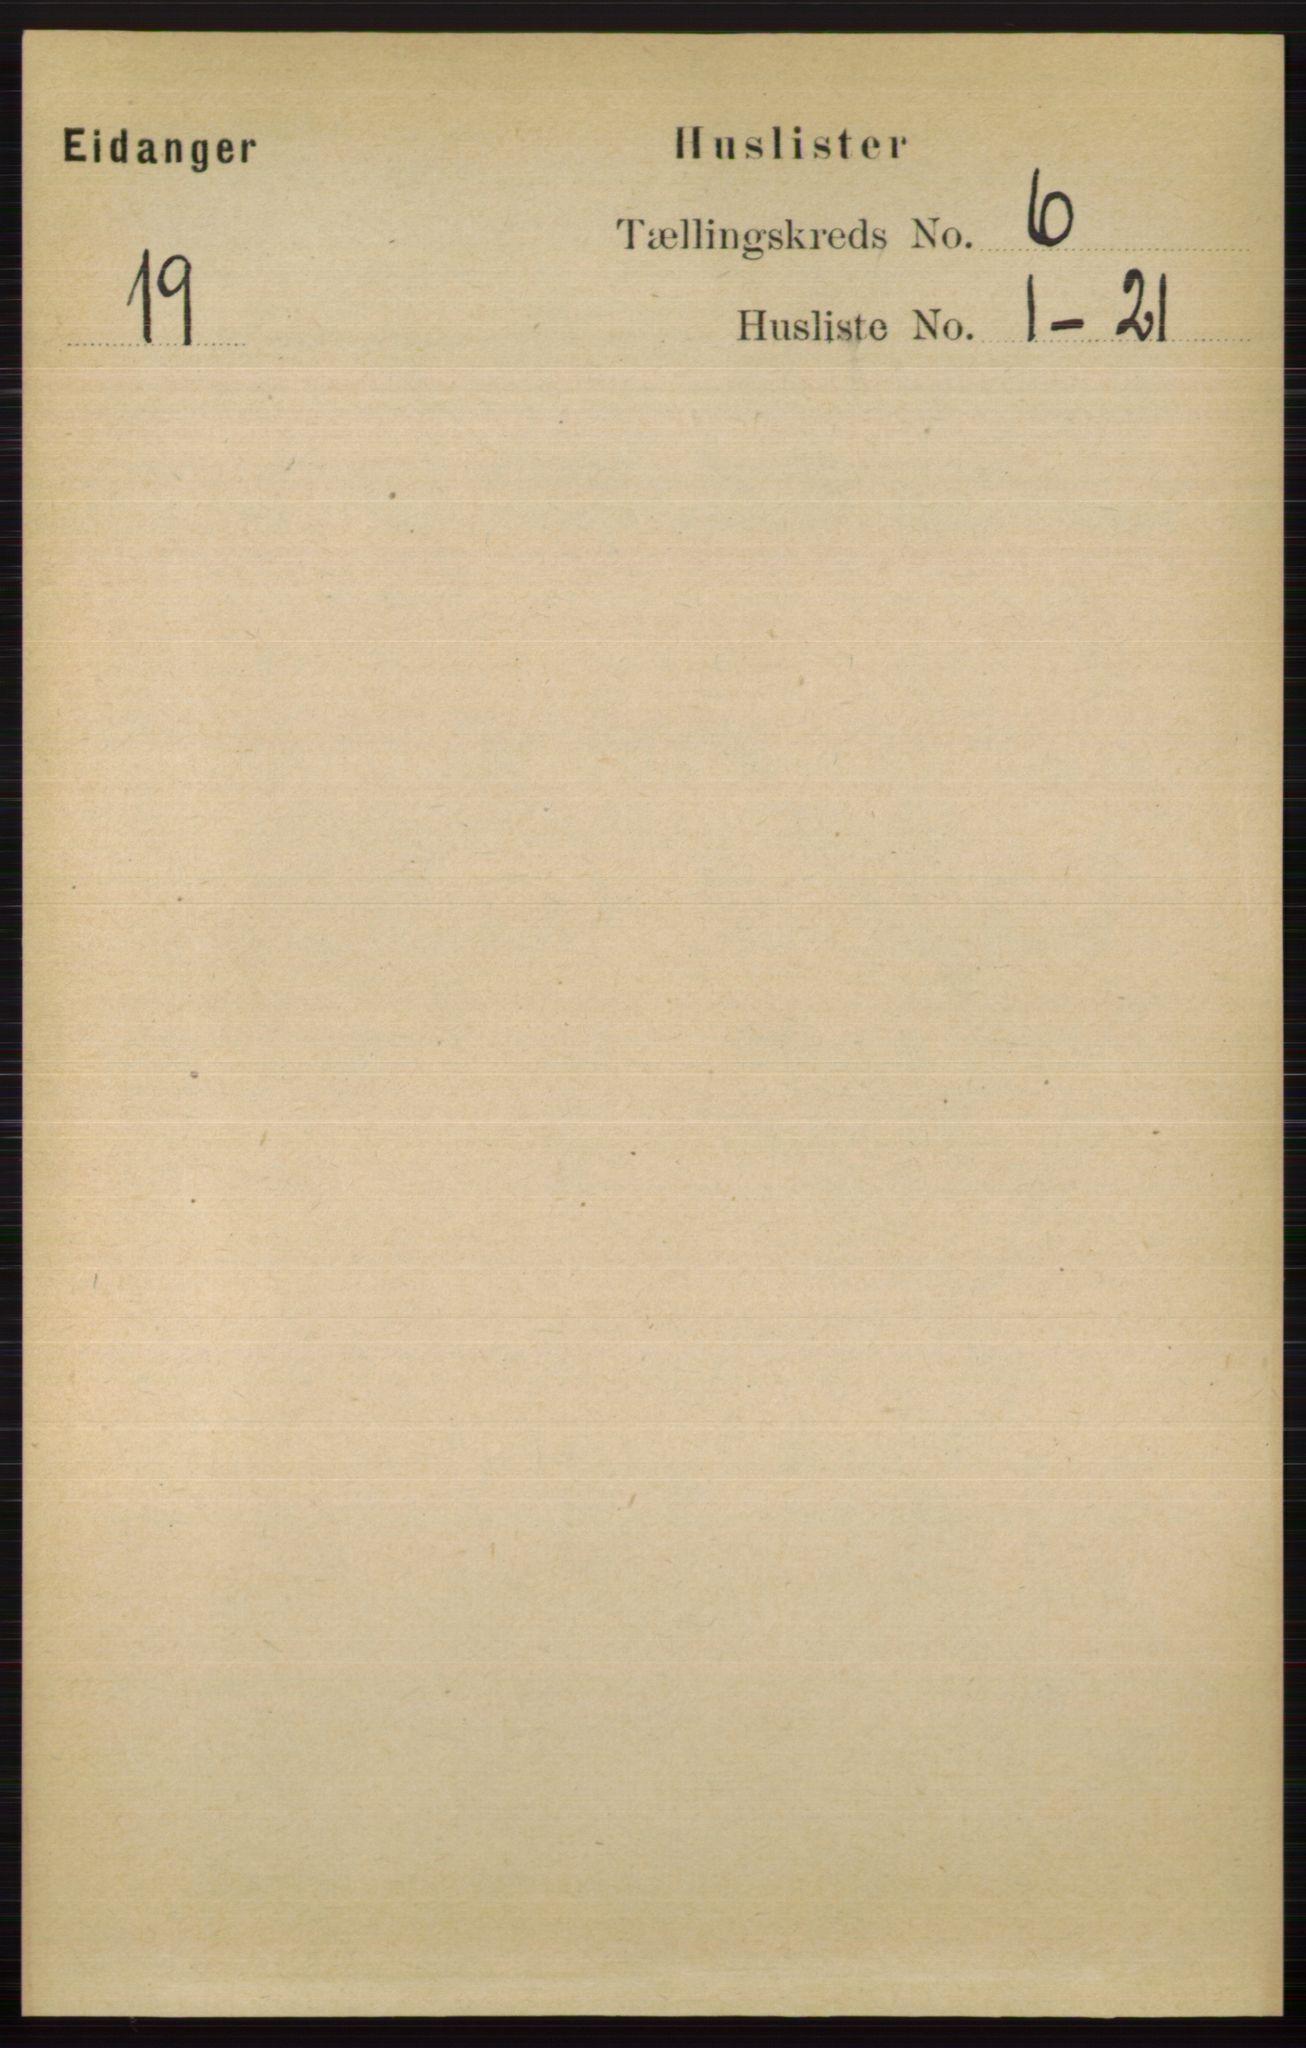 RA, Folketelling 1891 for 0813 Eidanger herred, 1891, s. 2544